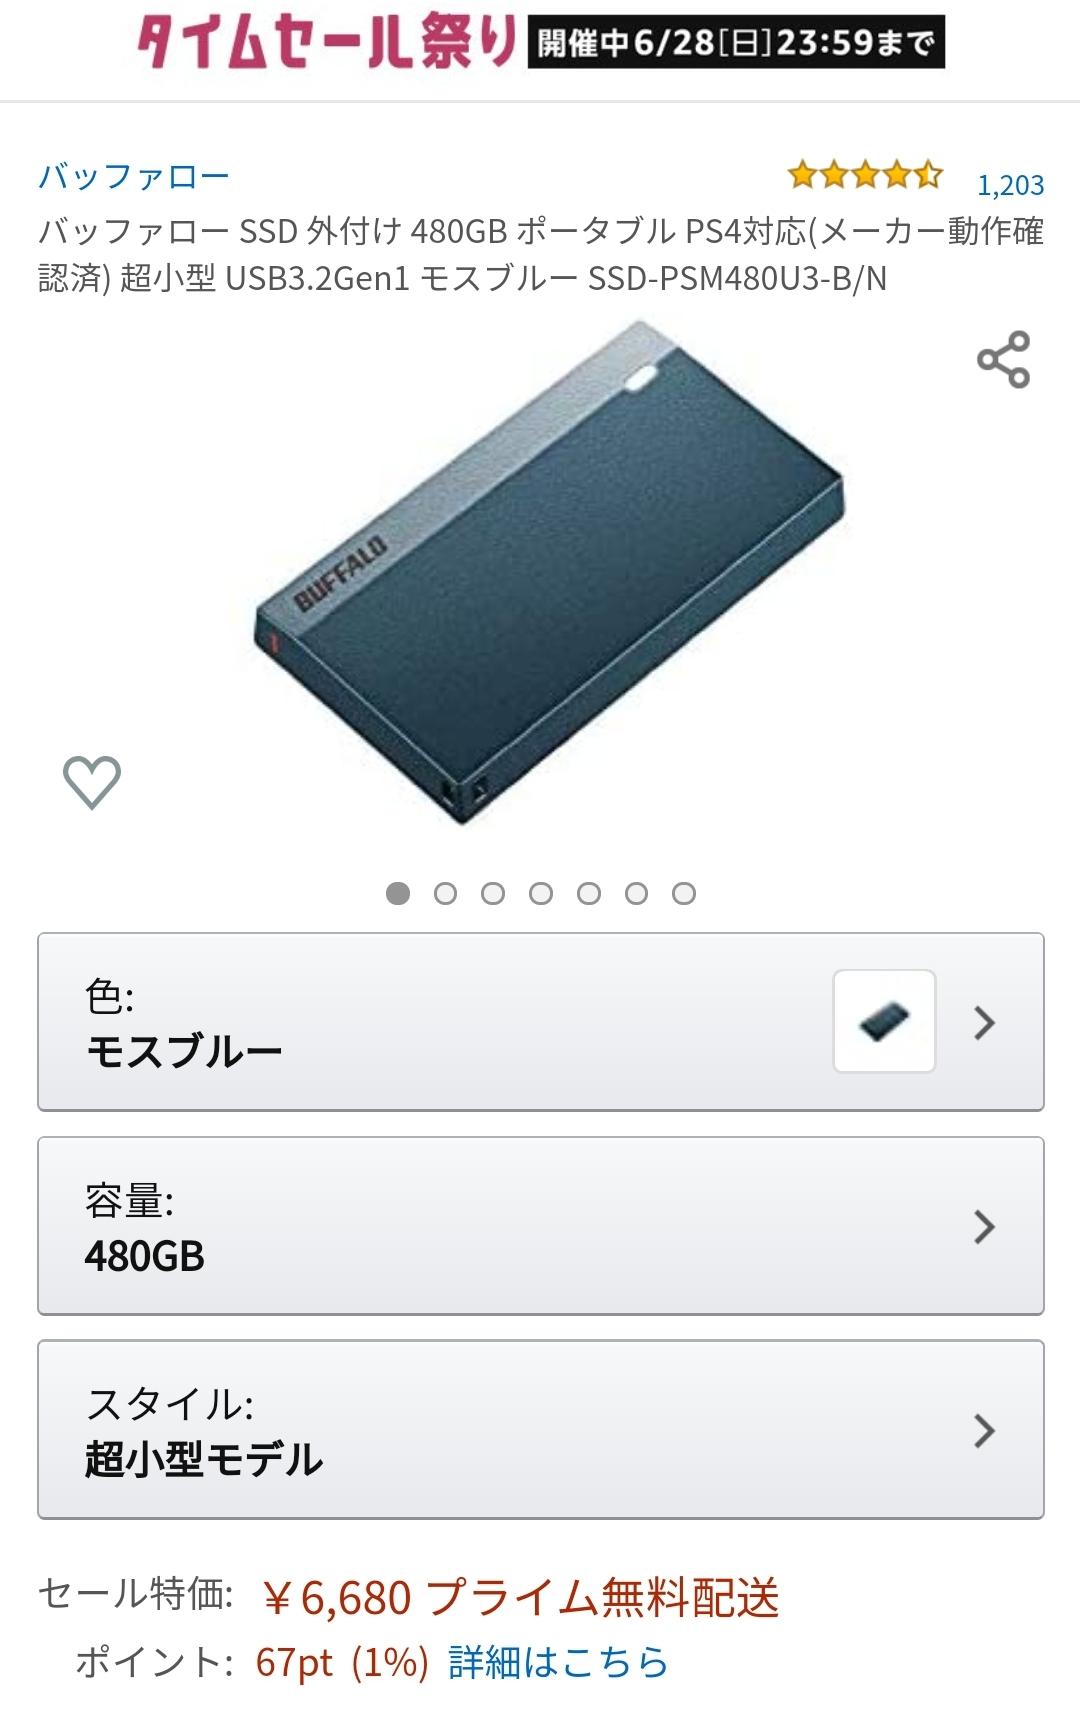 アマゾンセールでBUFFALOのポータブルSSDが6680円になってる♪